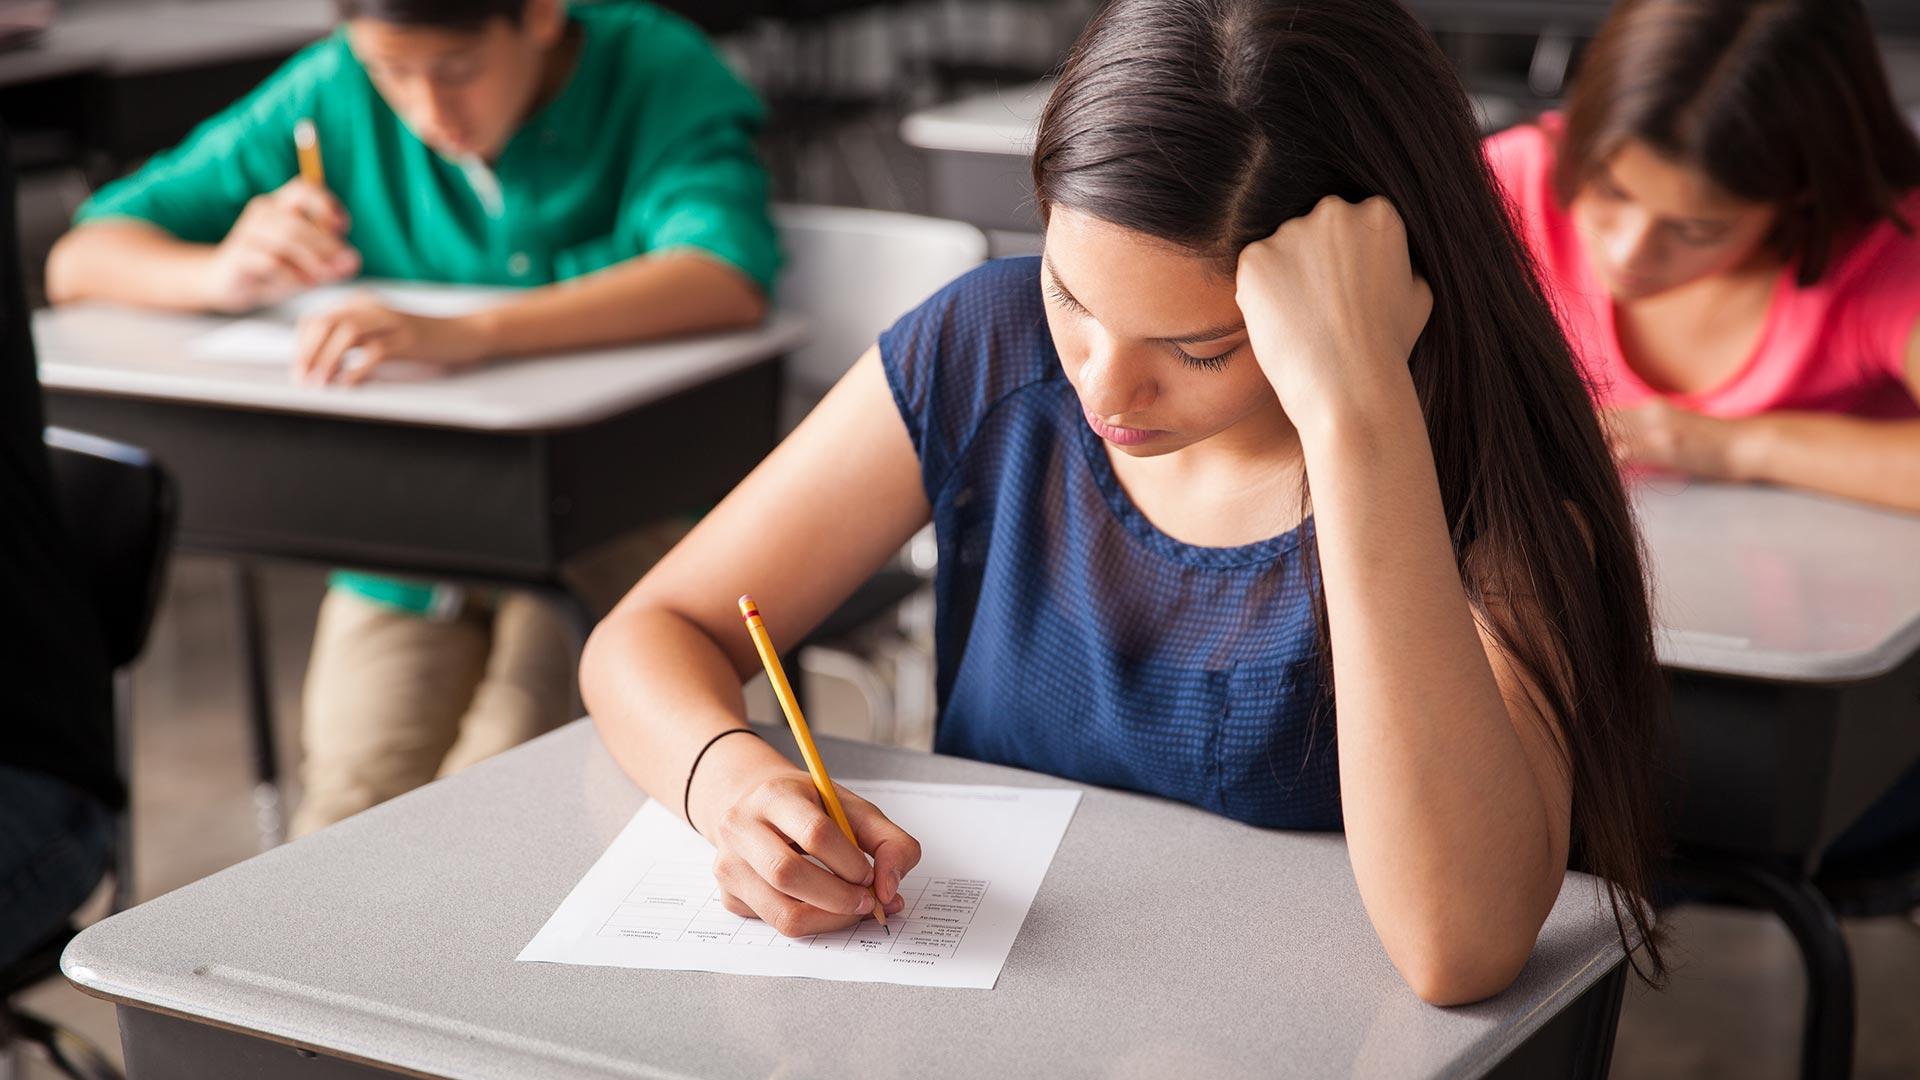 Commissie onderwijs keurt nieuwe eindtermen goed